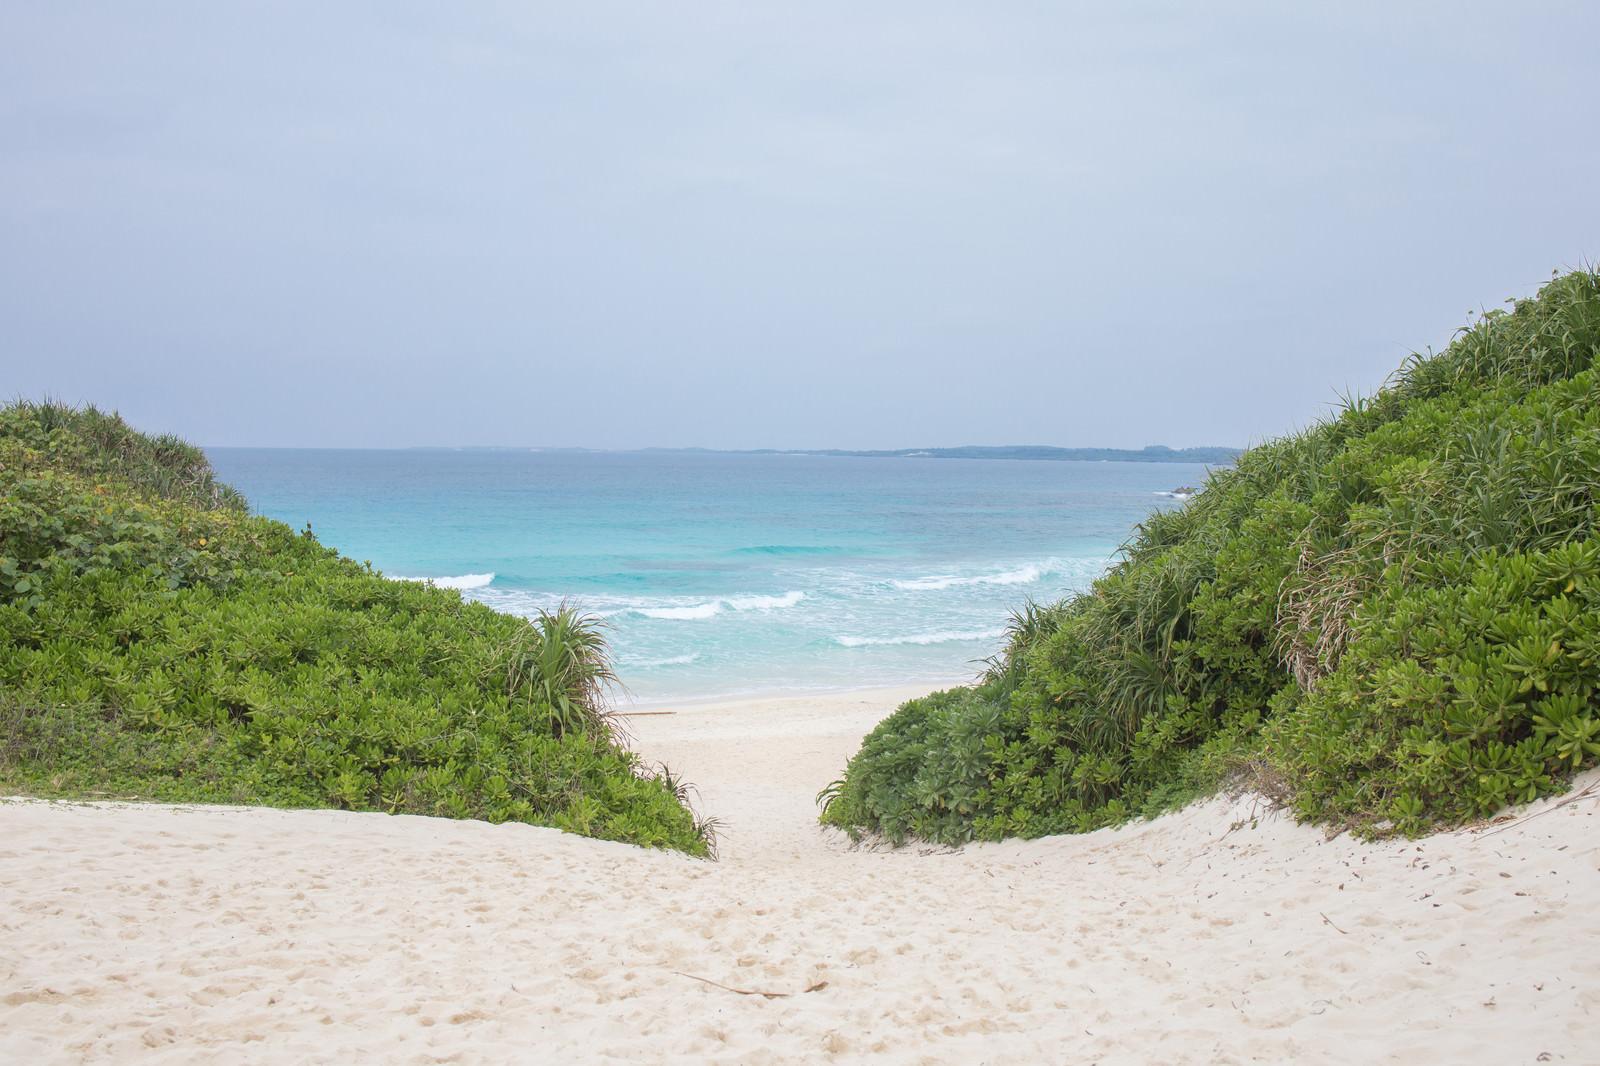 「宮古島随一の人気観光スポット「砂山ビーチ」」の写真